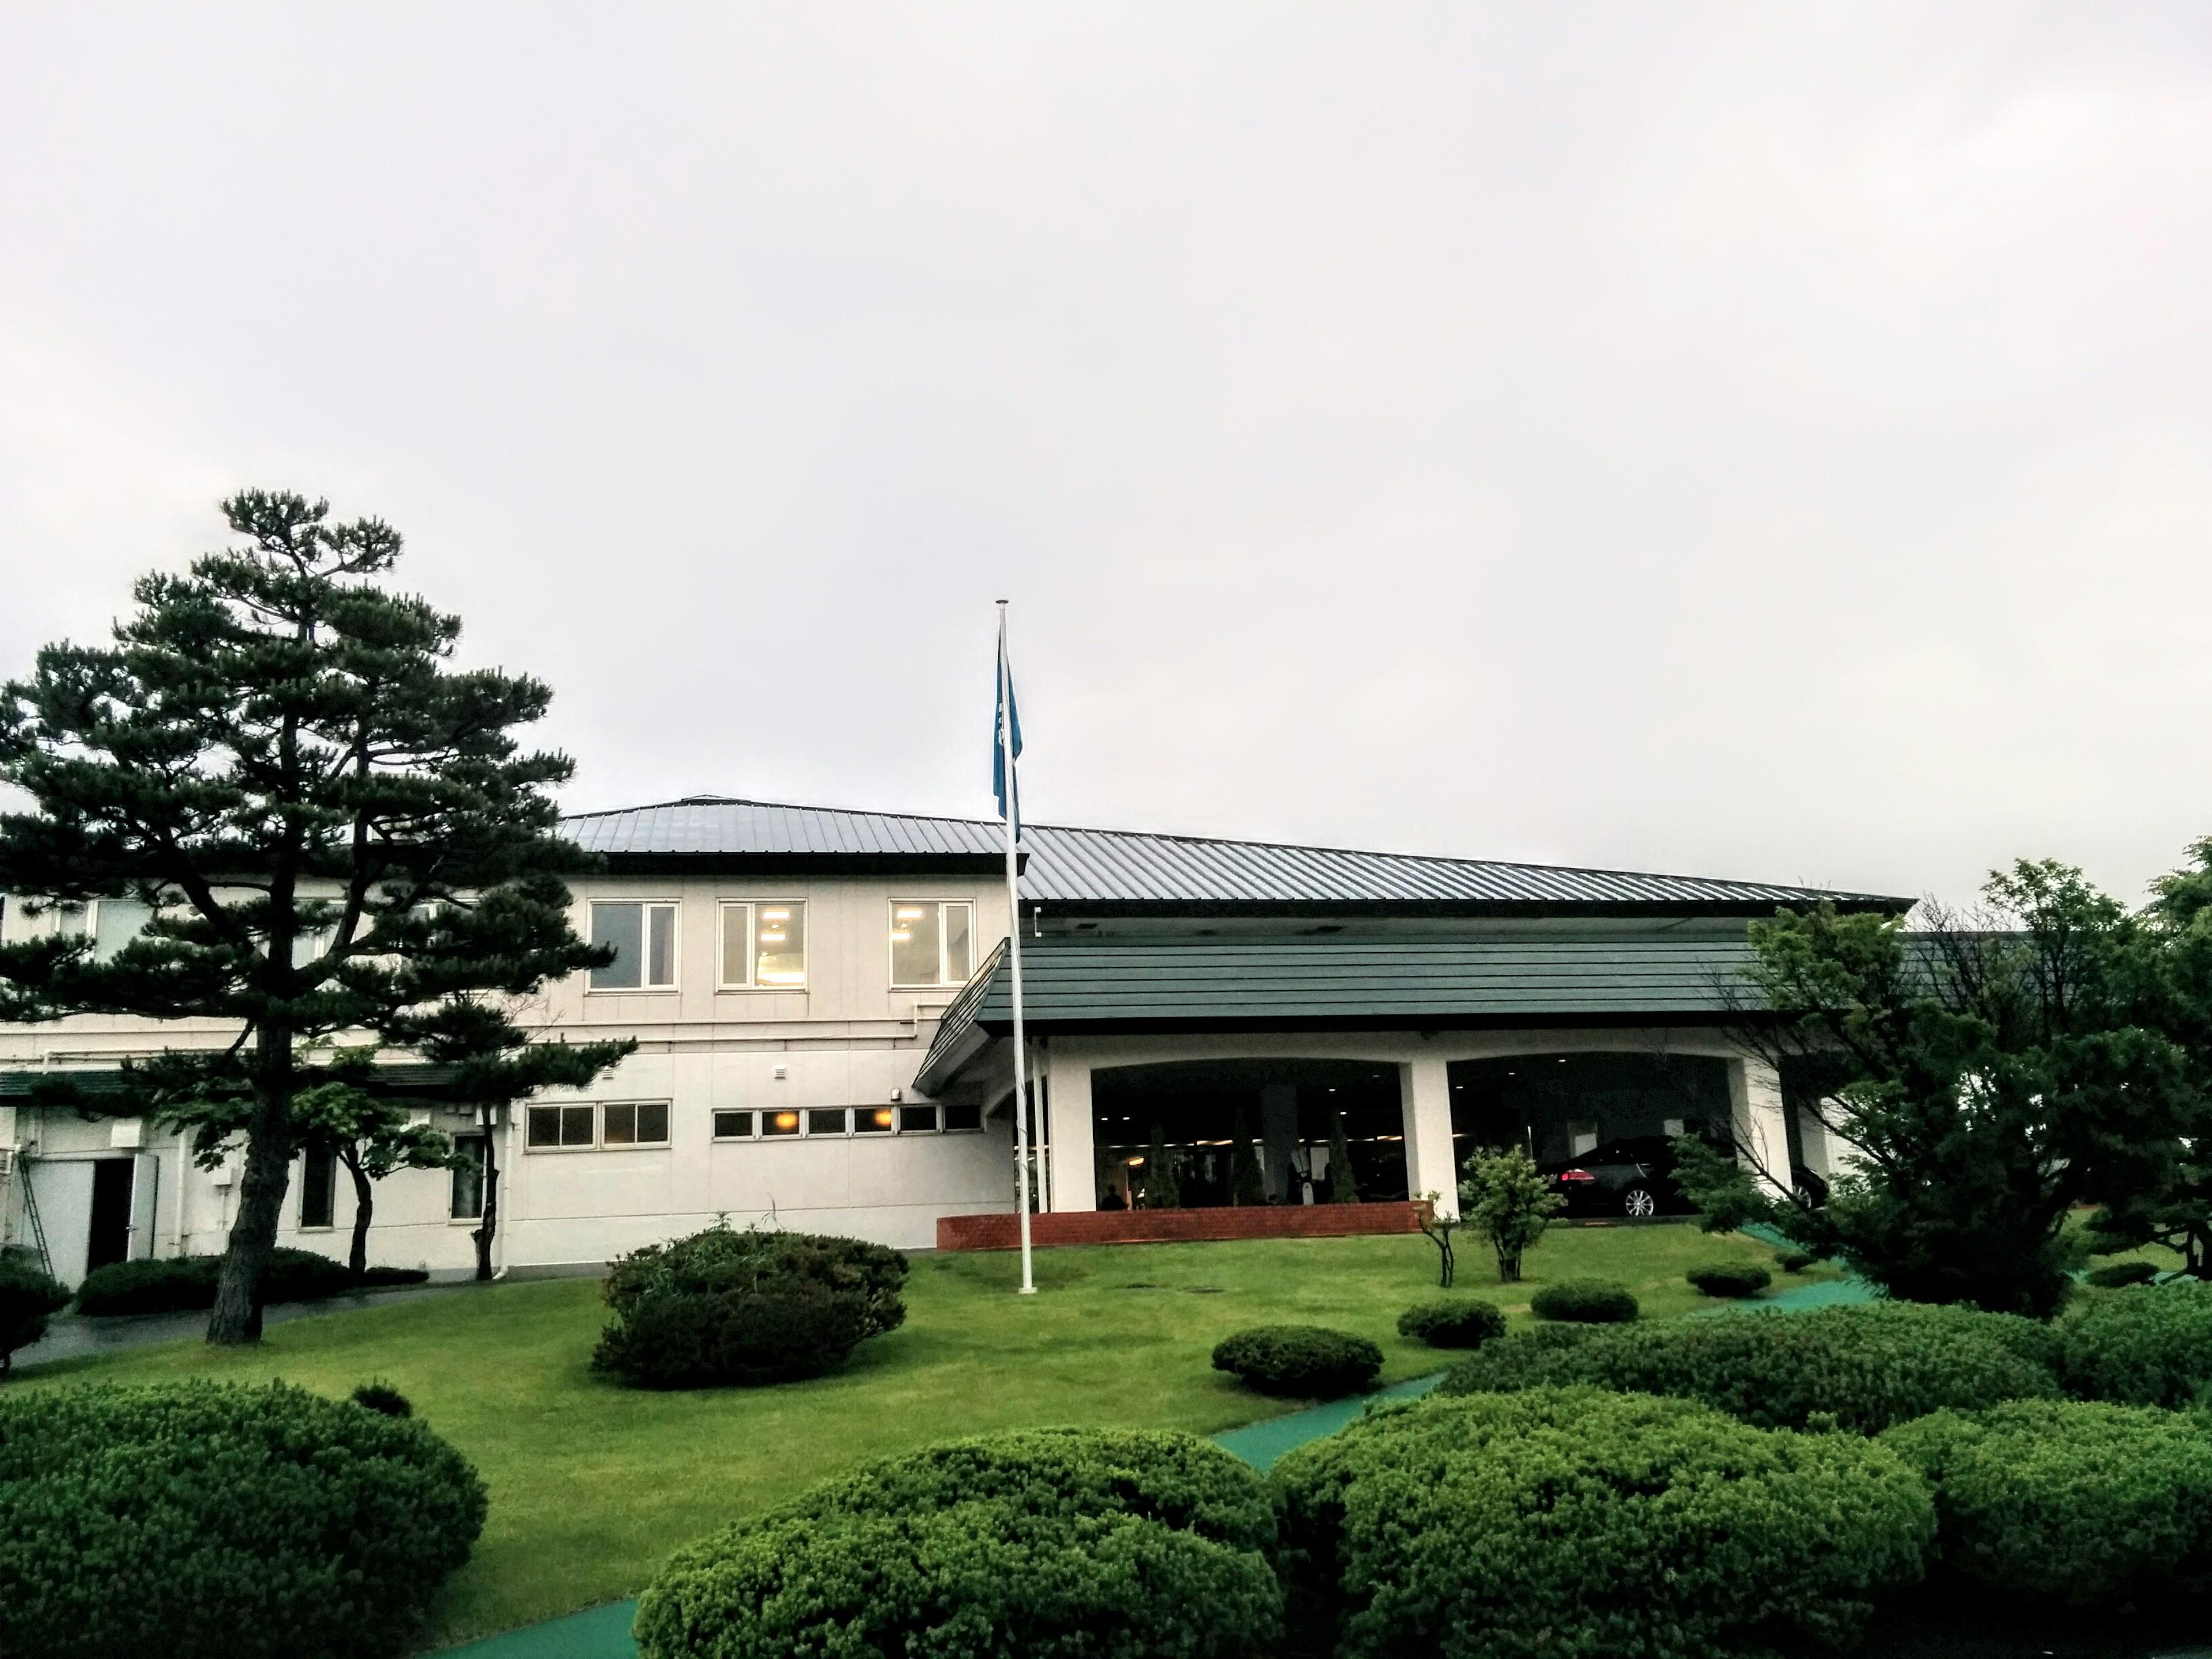 【小樽】小樽カントリー倶楽部へお客様を送迎しました。